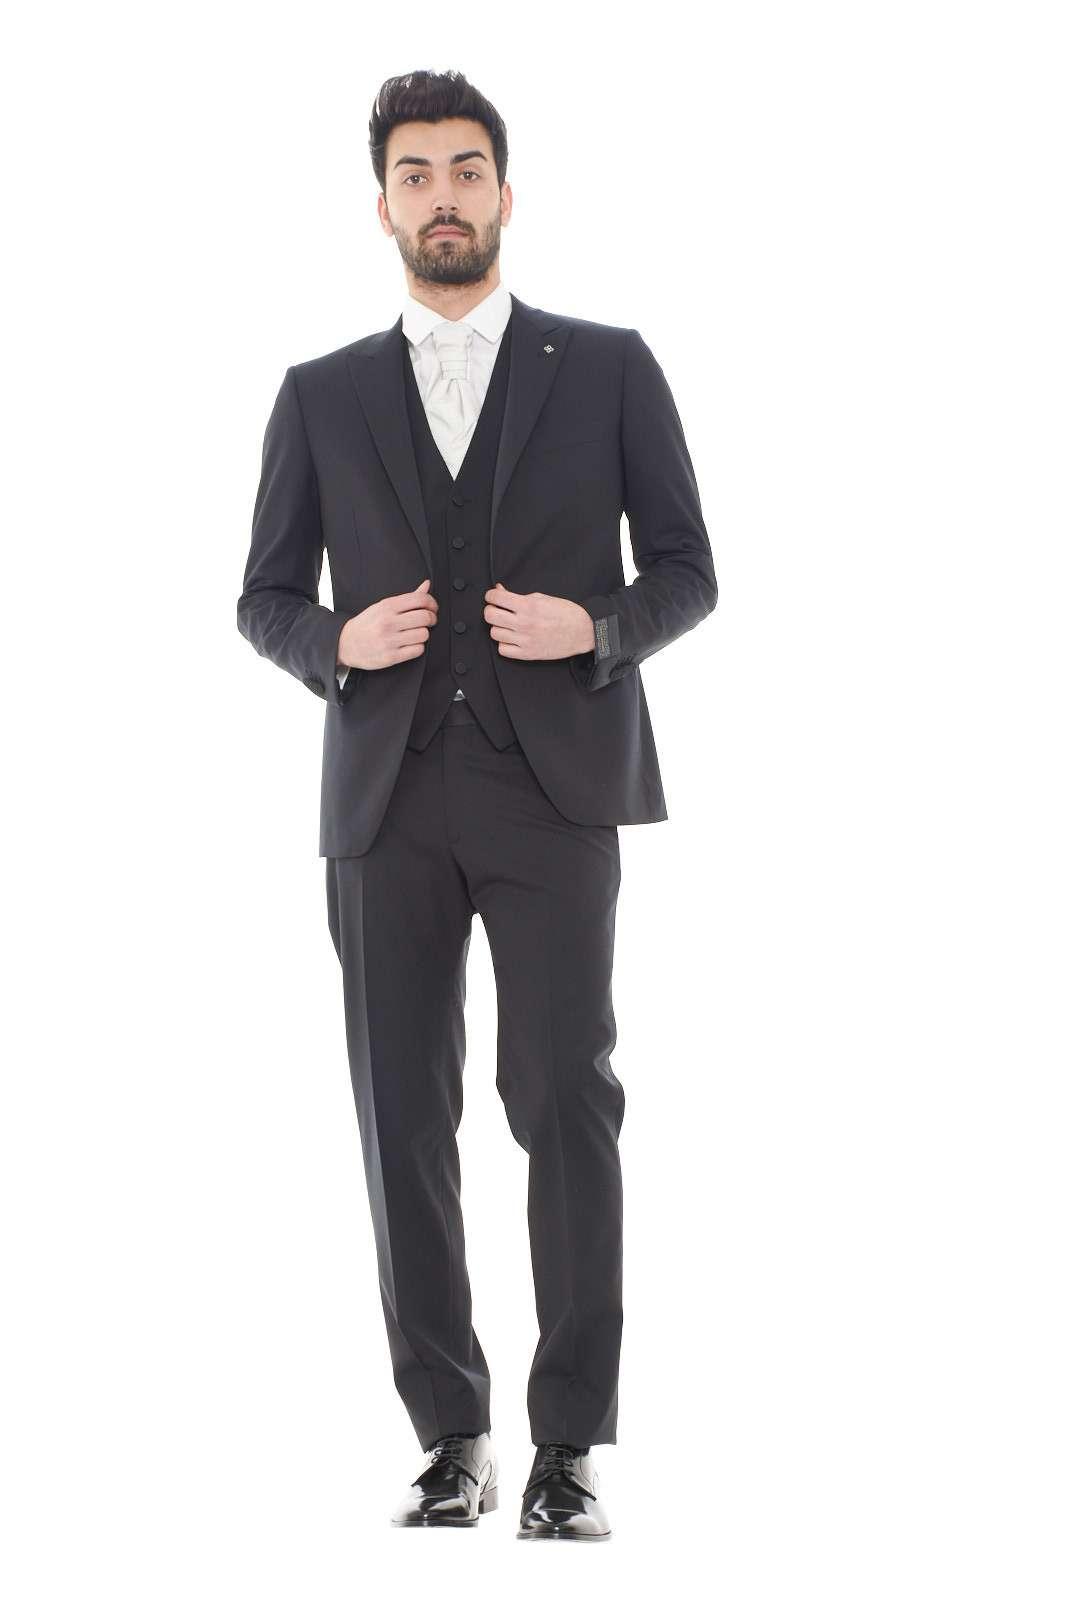 Un abito unico lo smoking firmato dalla collezione uomo Tagliatore. La giacca con un bottone e spacco fa da cornice al panciotto per un look di massima eleganza. Con una scarpa sia lucida che liscia è un capolavoro dei look da cerimonia.